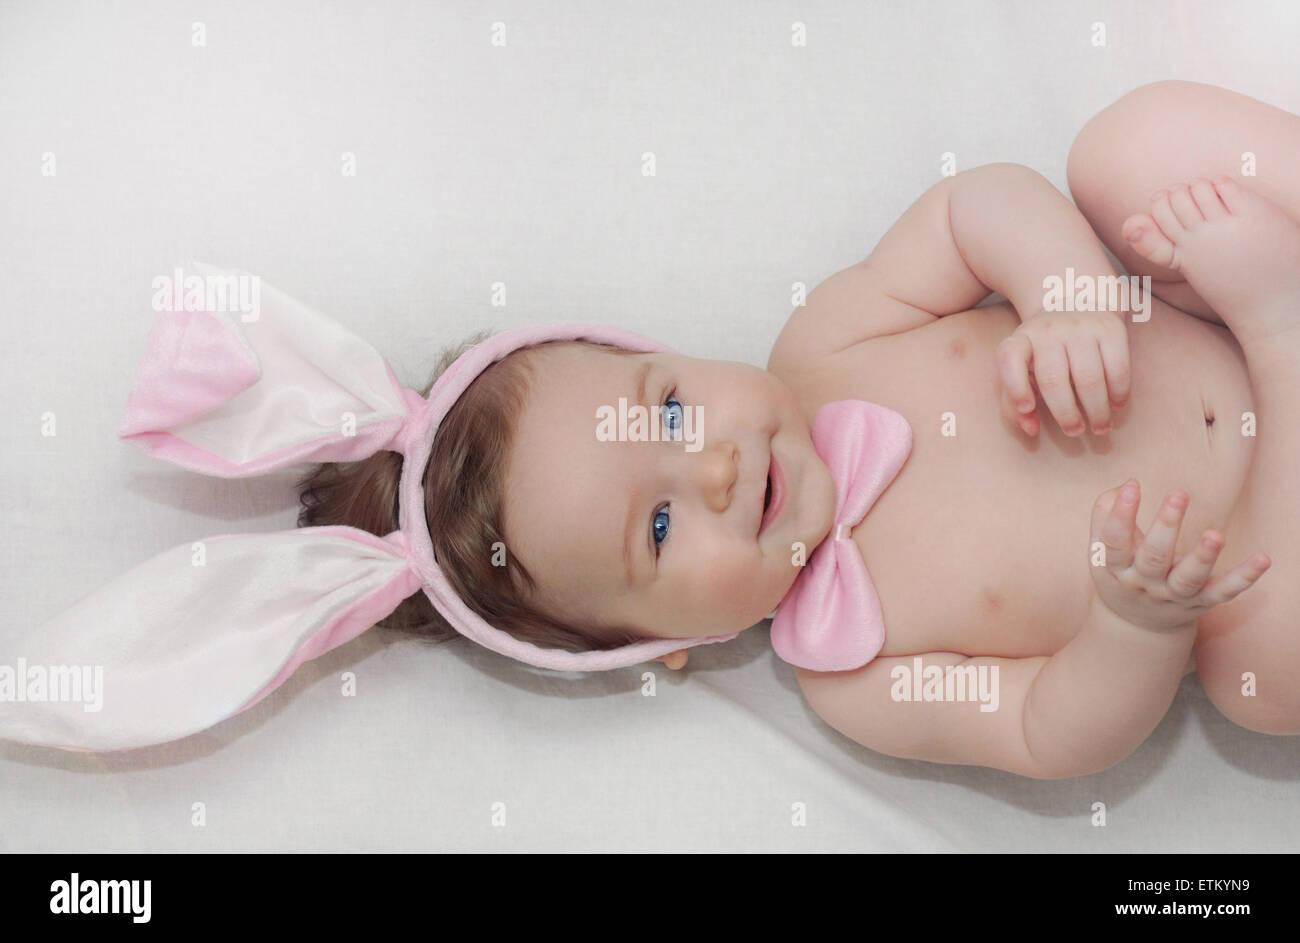 Retrato de cute little Baby Boy feliz con orejas de conejo acostado en la cama blanca y suave, el concepto de familia Imagen De Stock